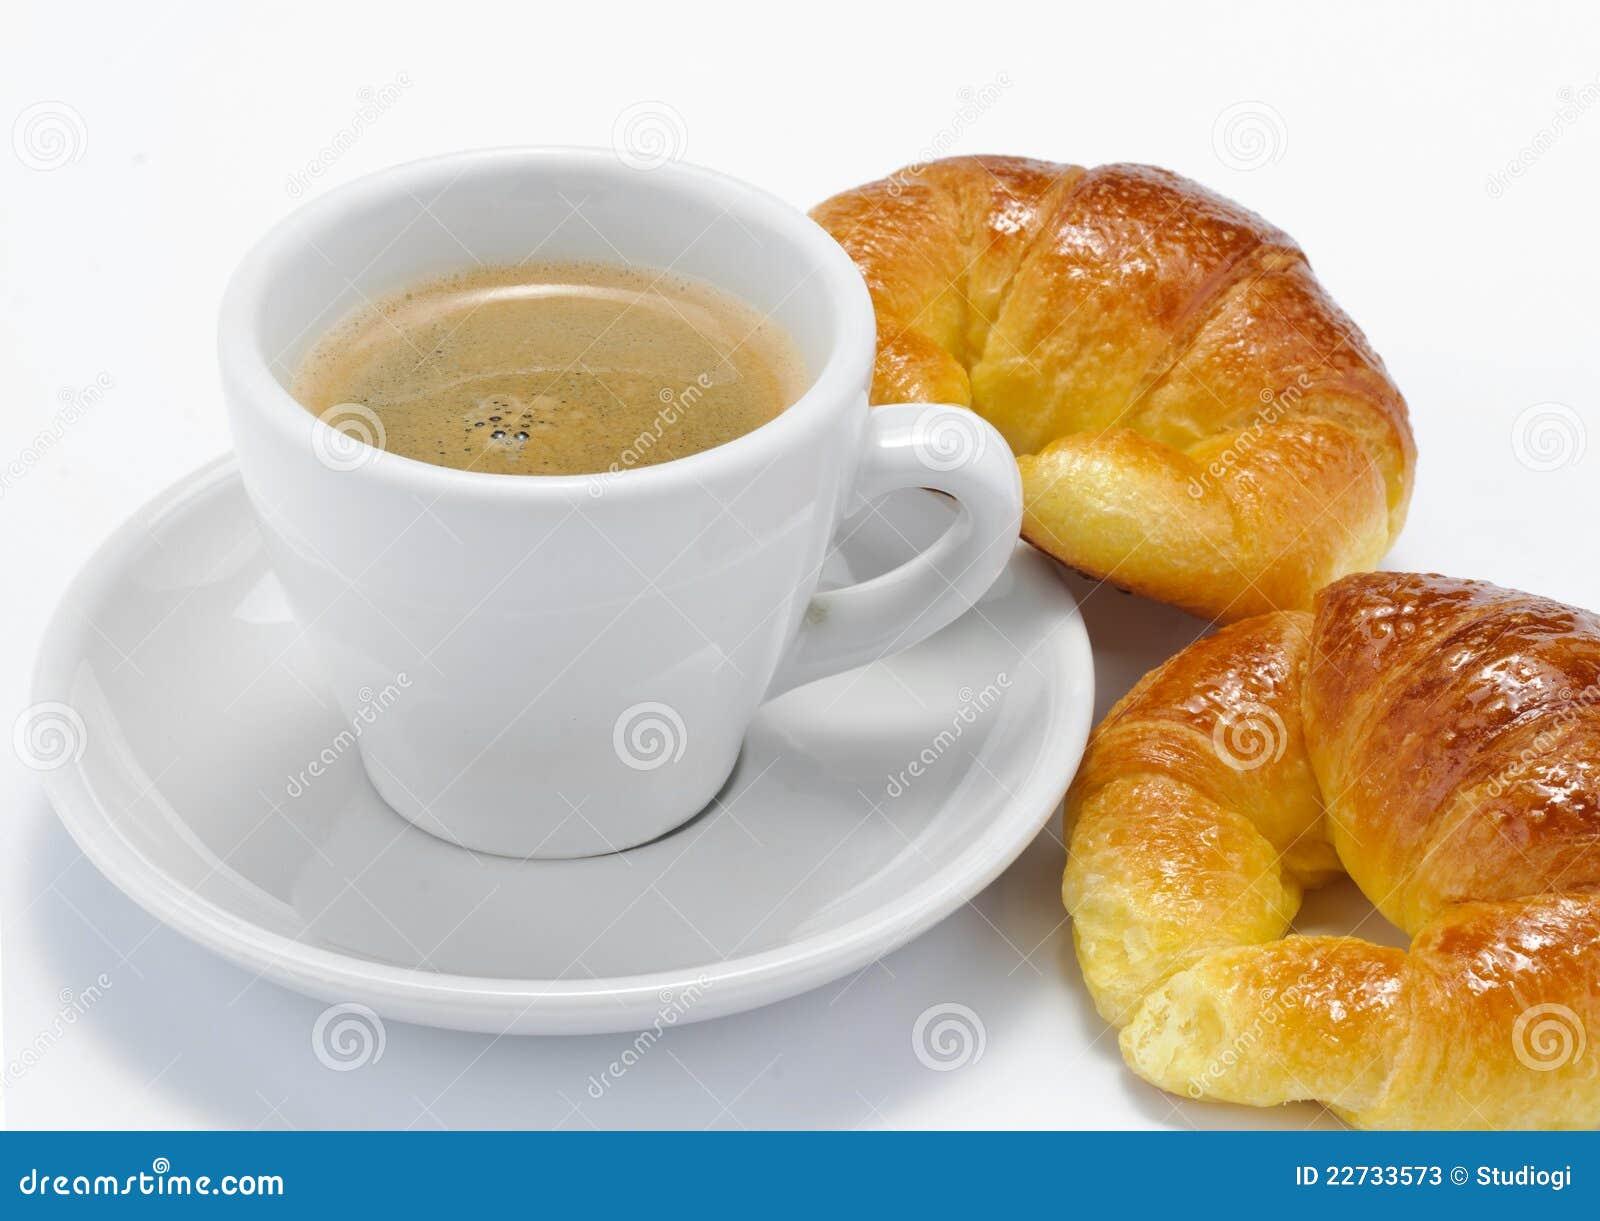 Italian breakfast stock photos image 22733573 for Italian breakfast